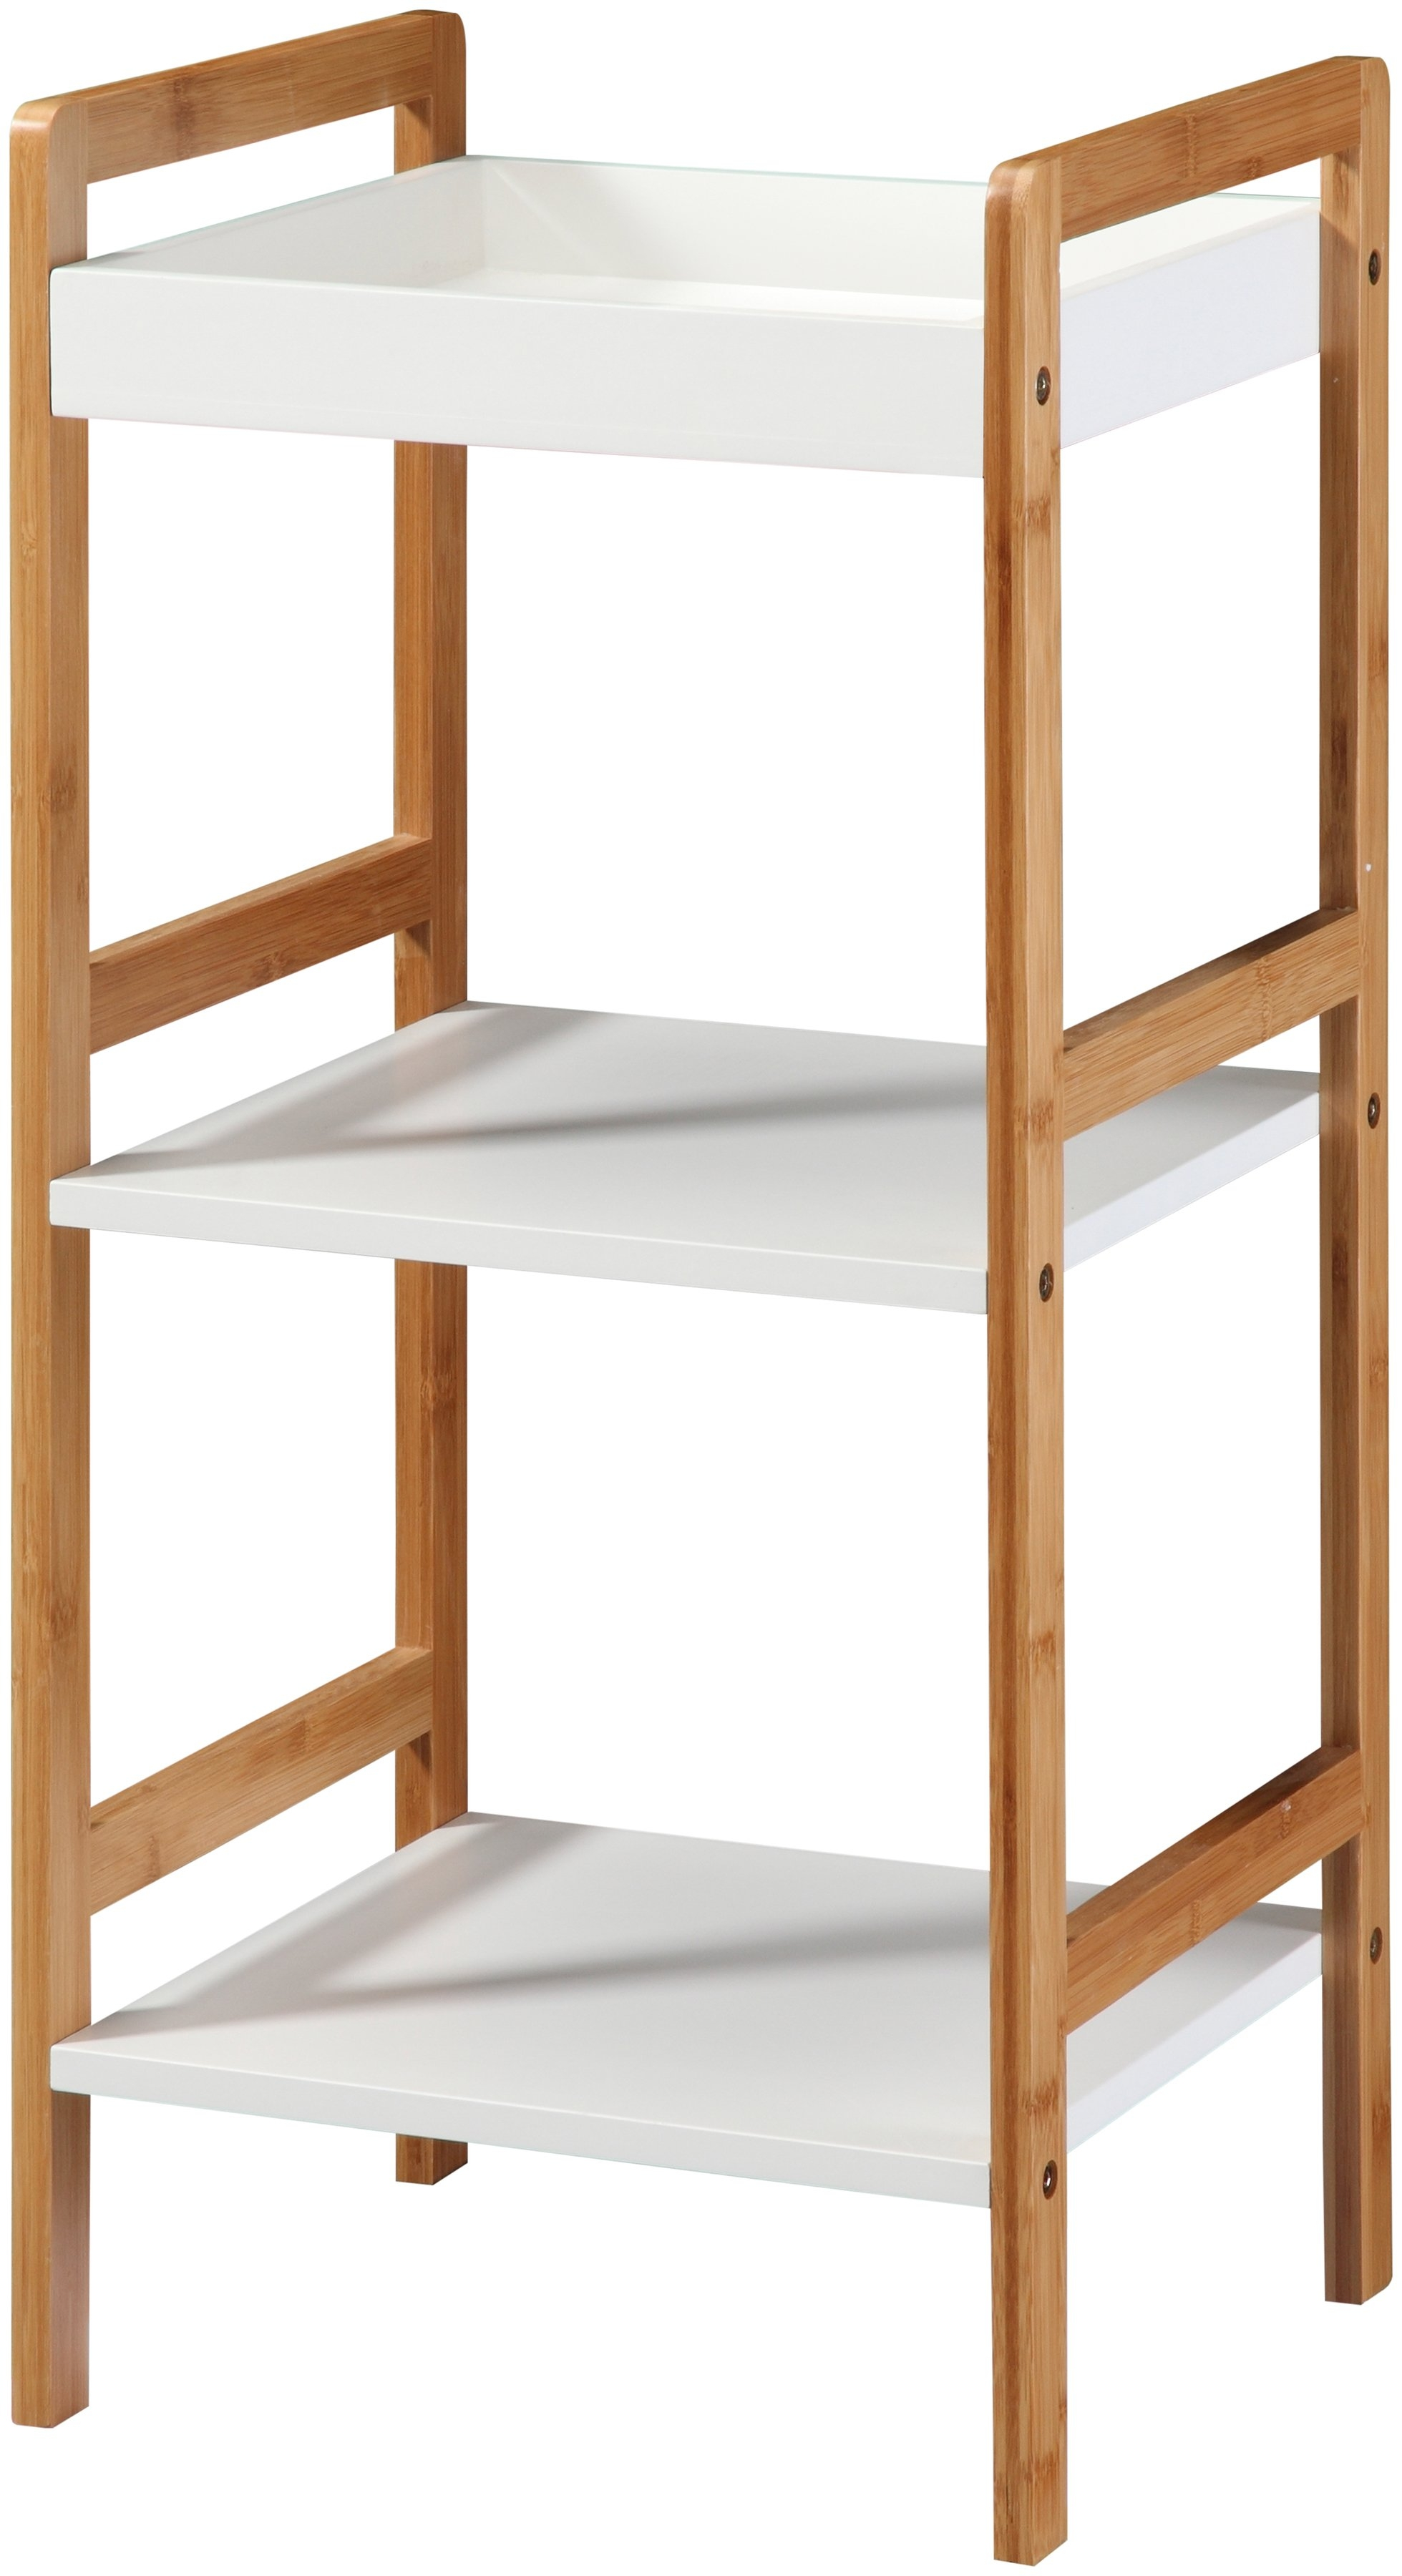 Phoenix badkamerrekje »Spa«, met 3 planken bij OTTO online kopen